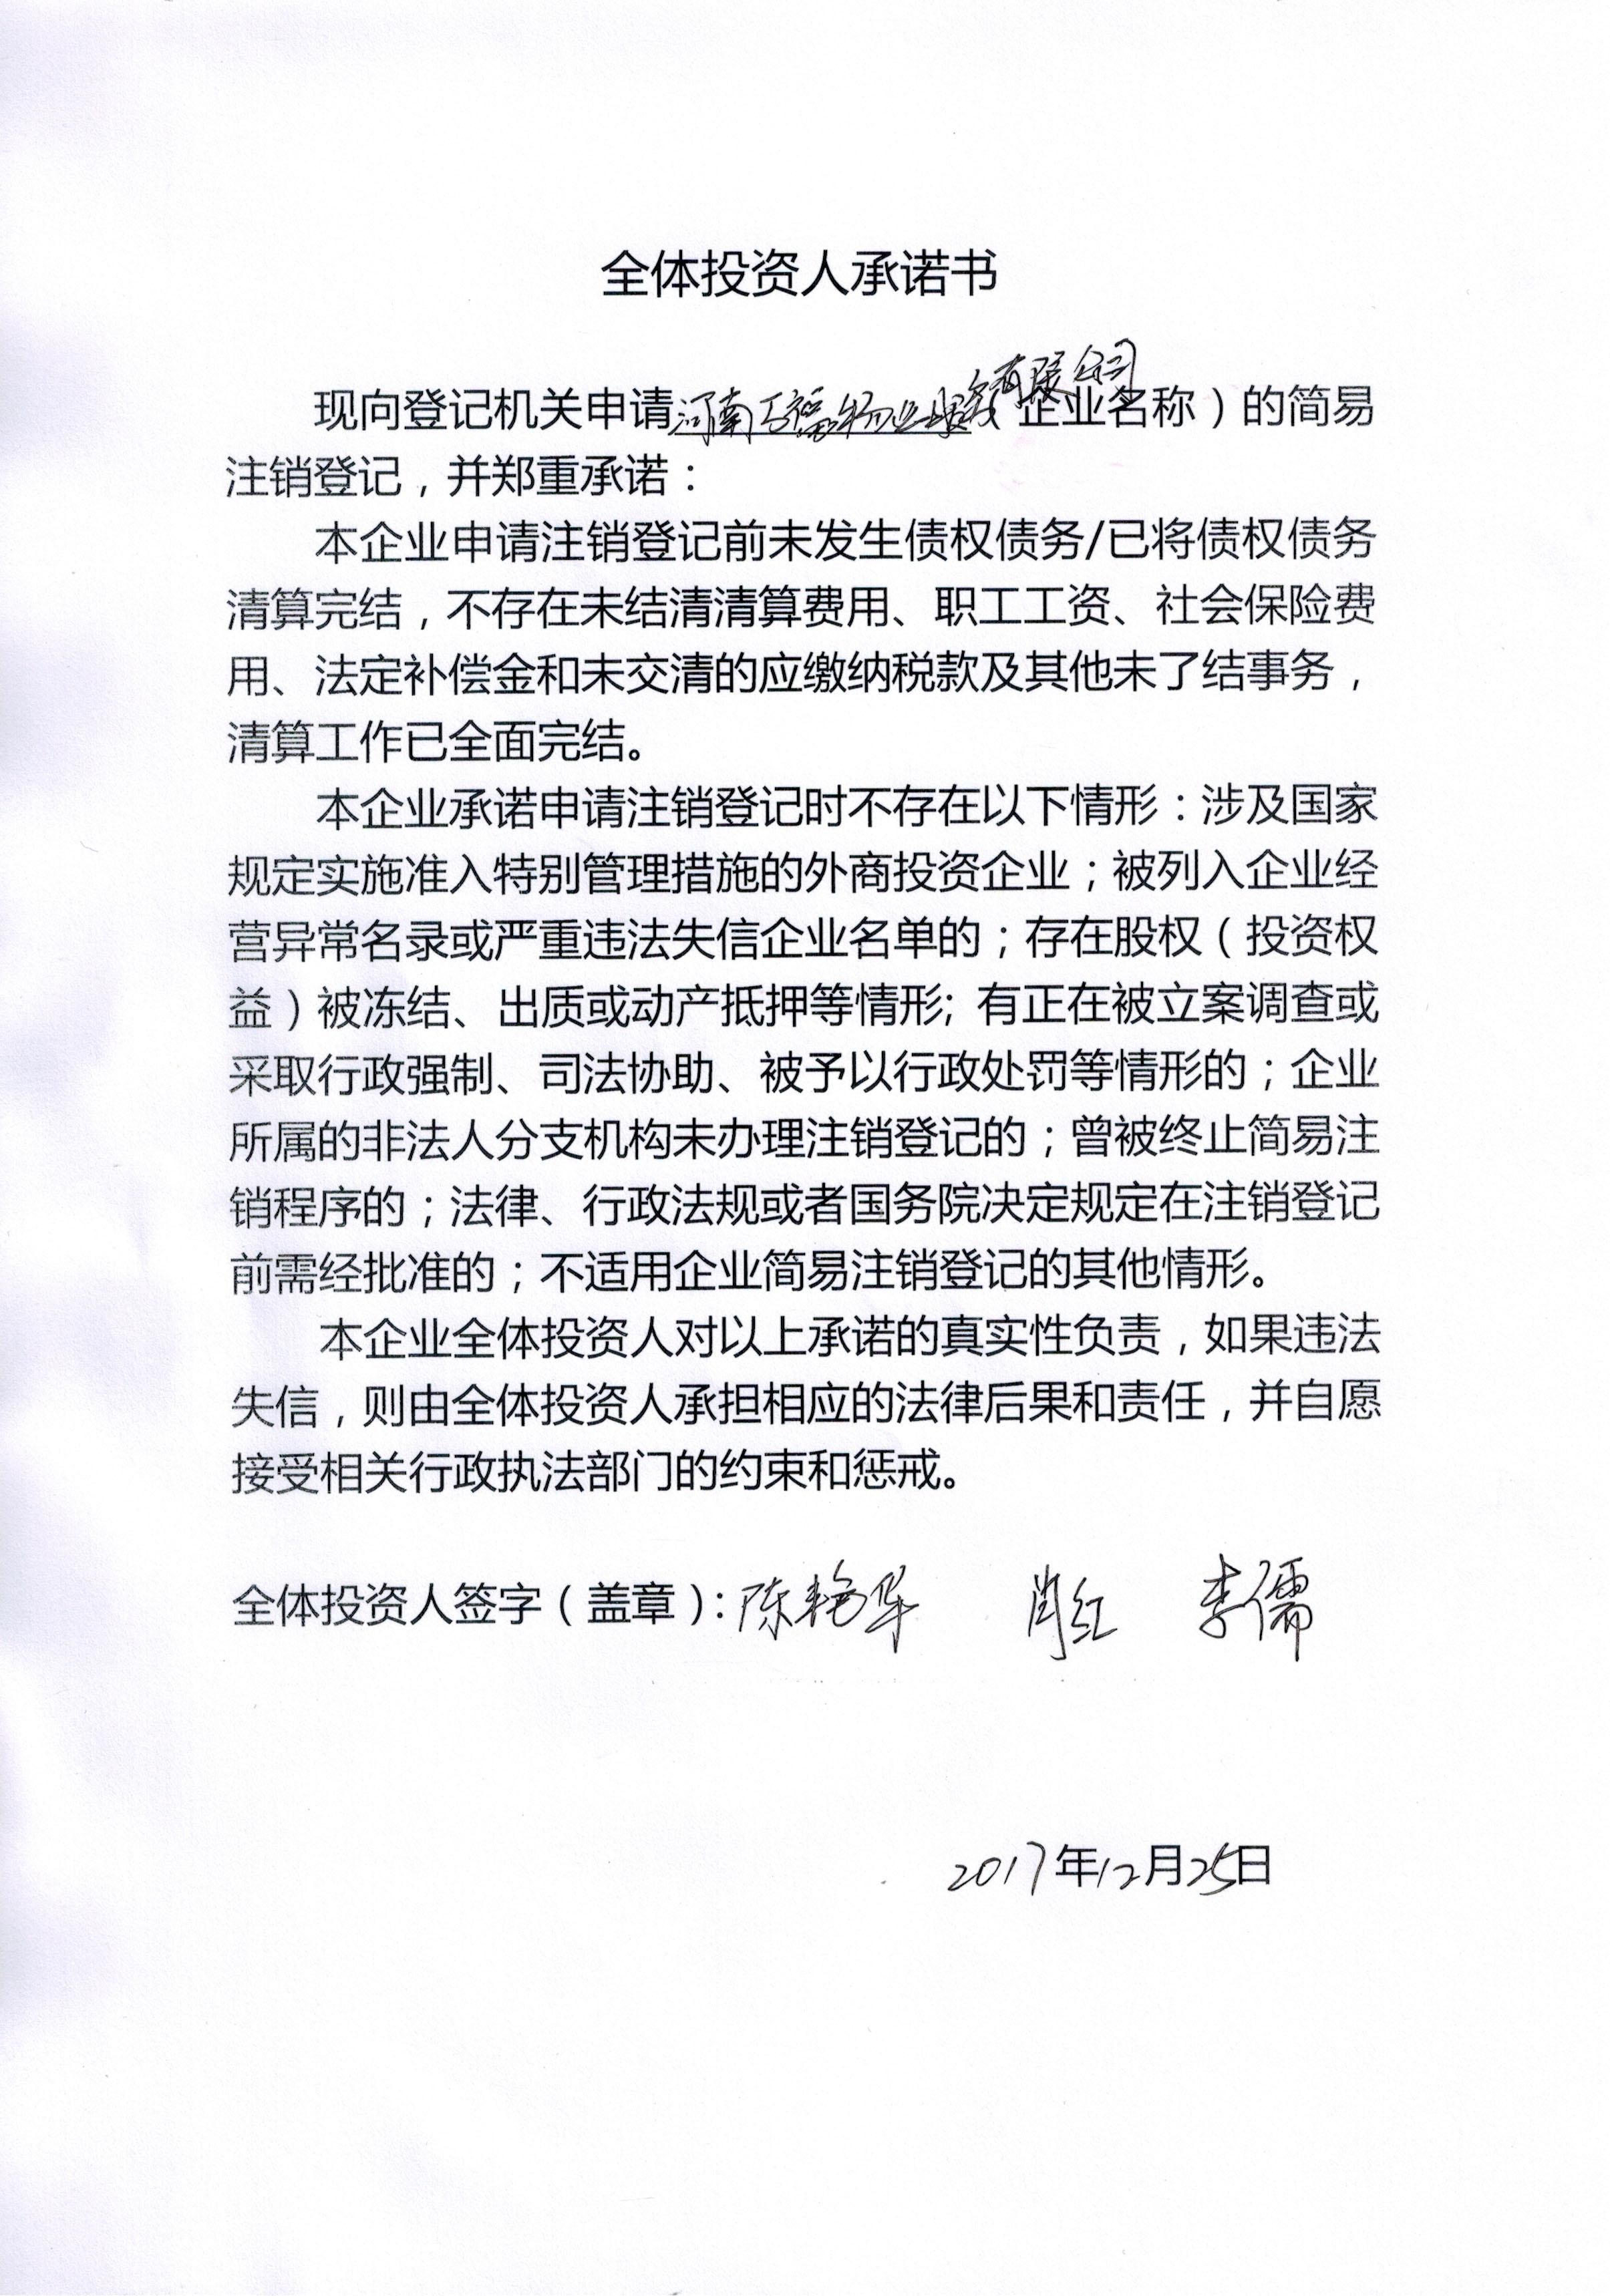 河南万福物业服务有限公司